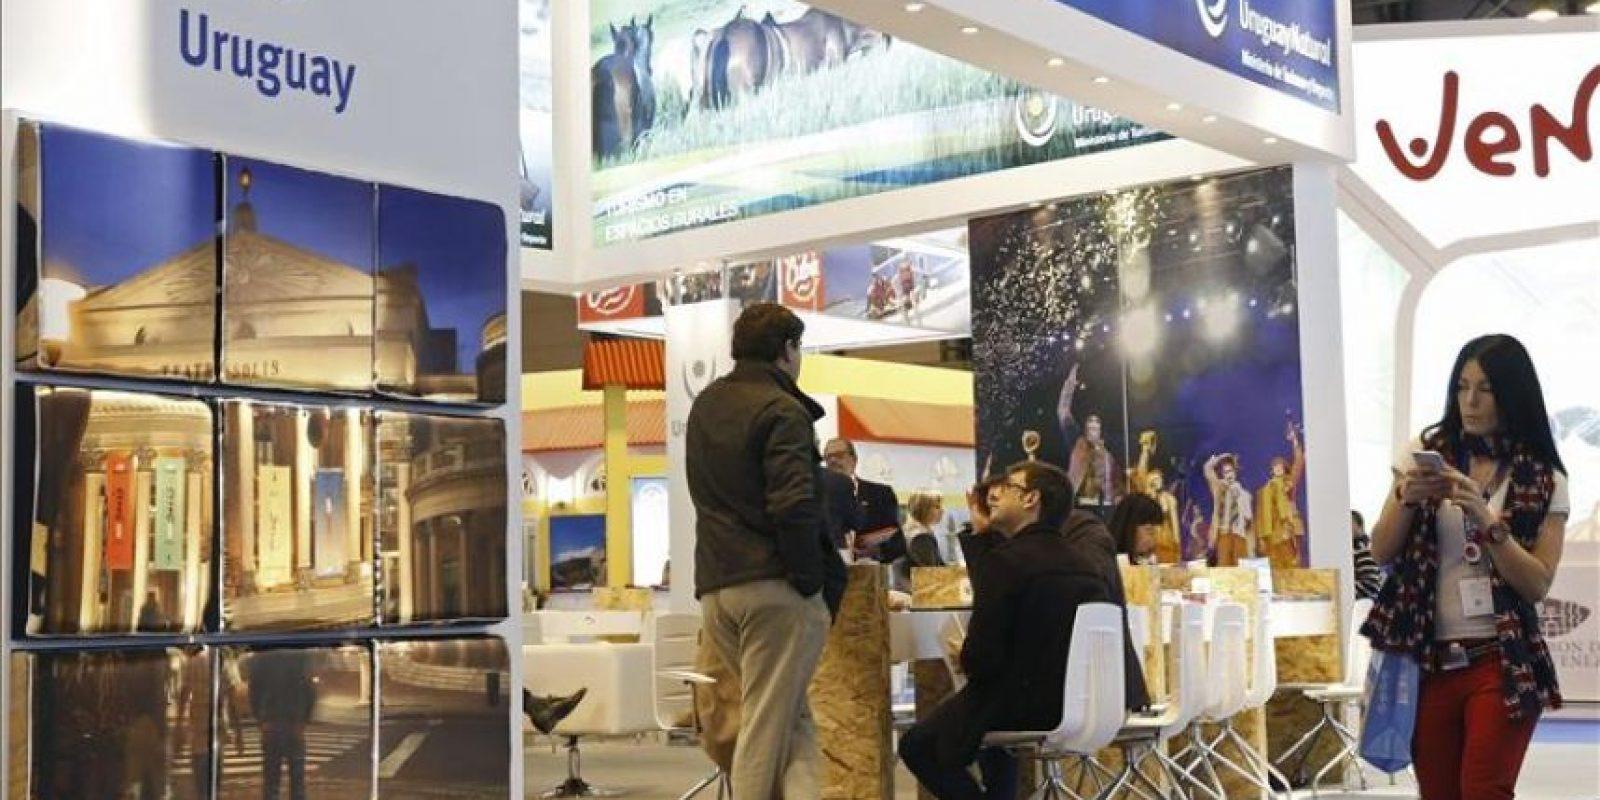 Vista del estand de Uruguay instalado en la Feria Internacional de Turismo (Fitur) que permanecerá abierto al público hasta el domingo día 1 de febrero. EFE